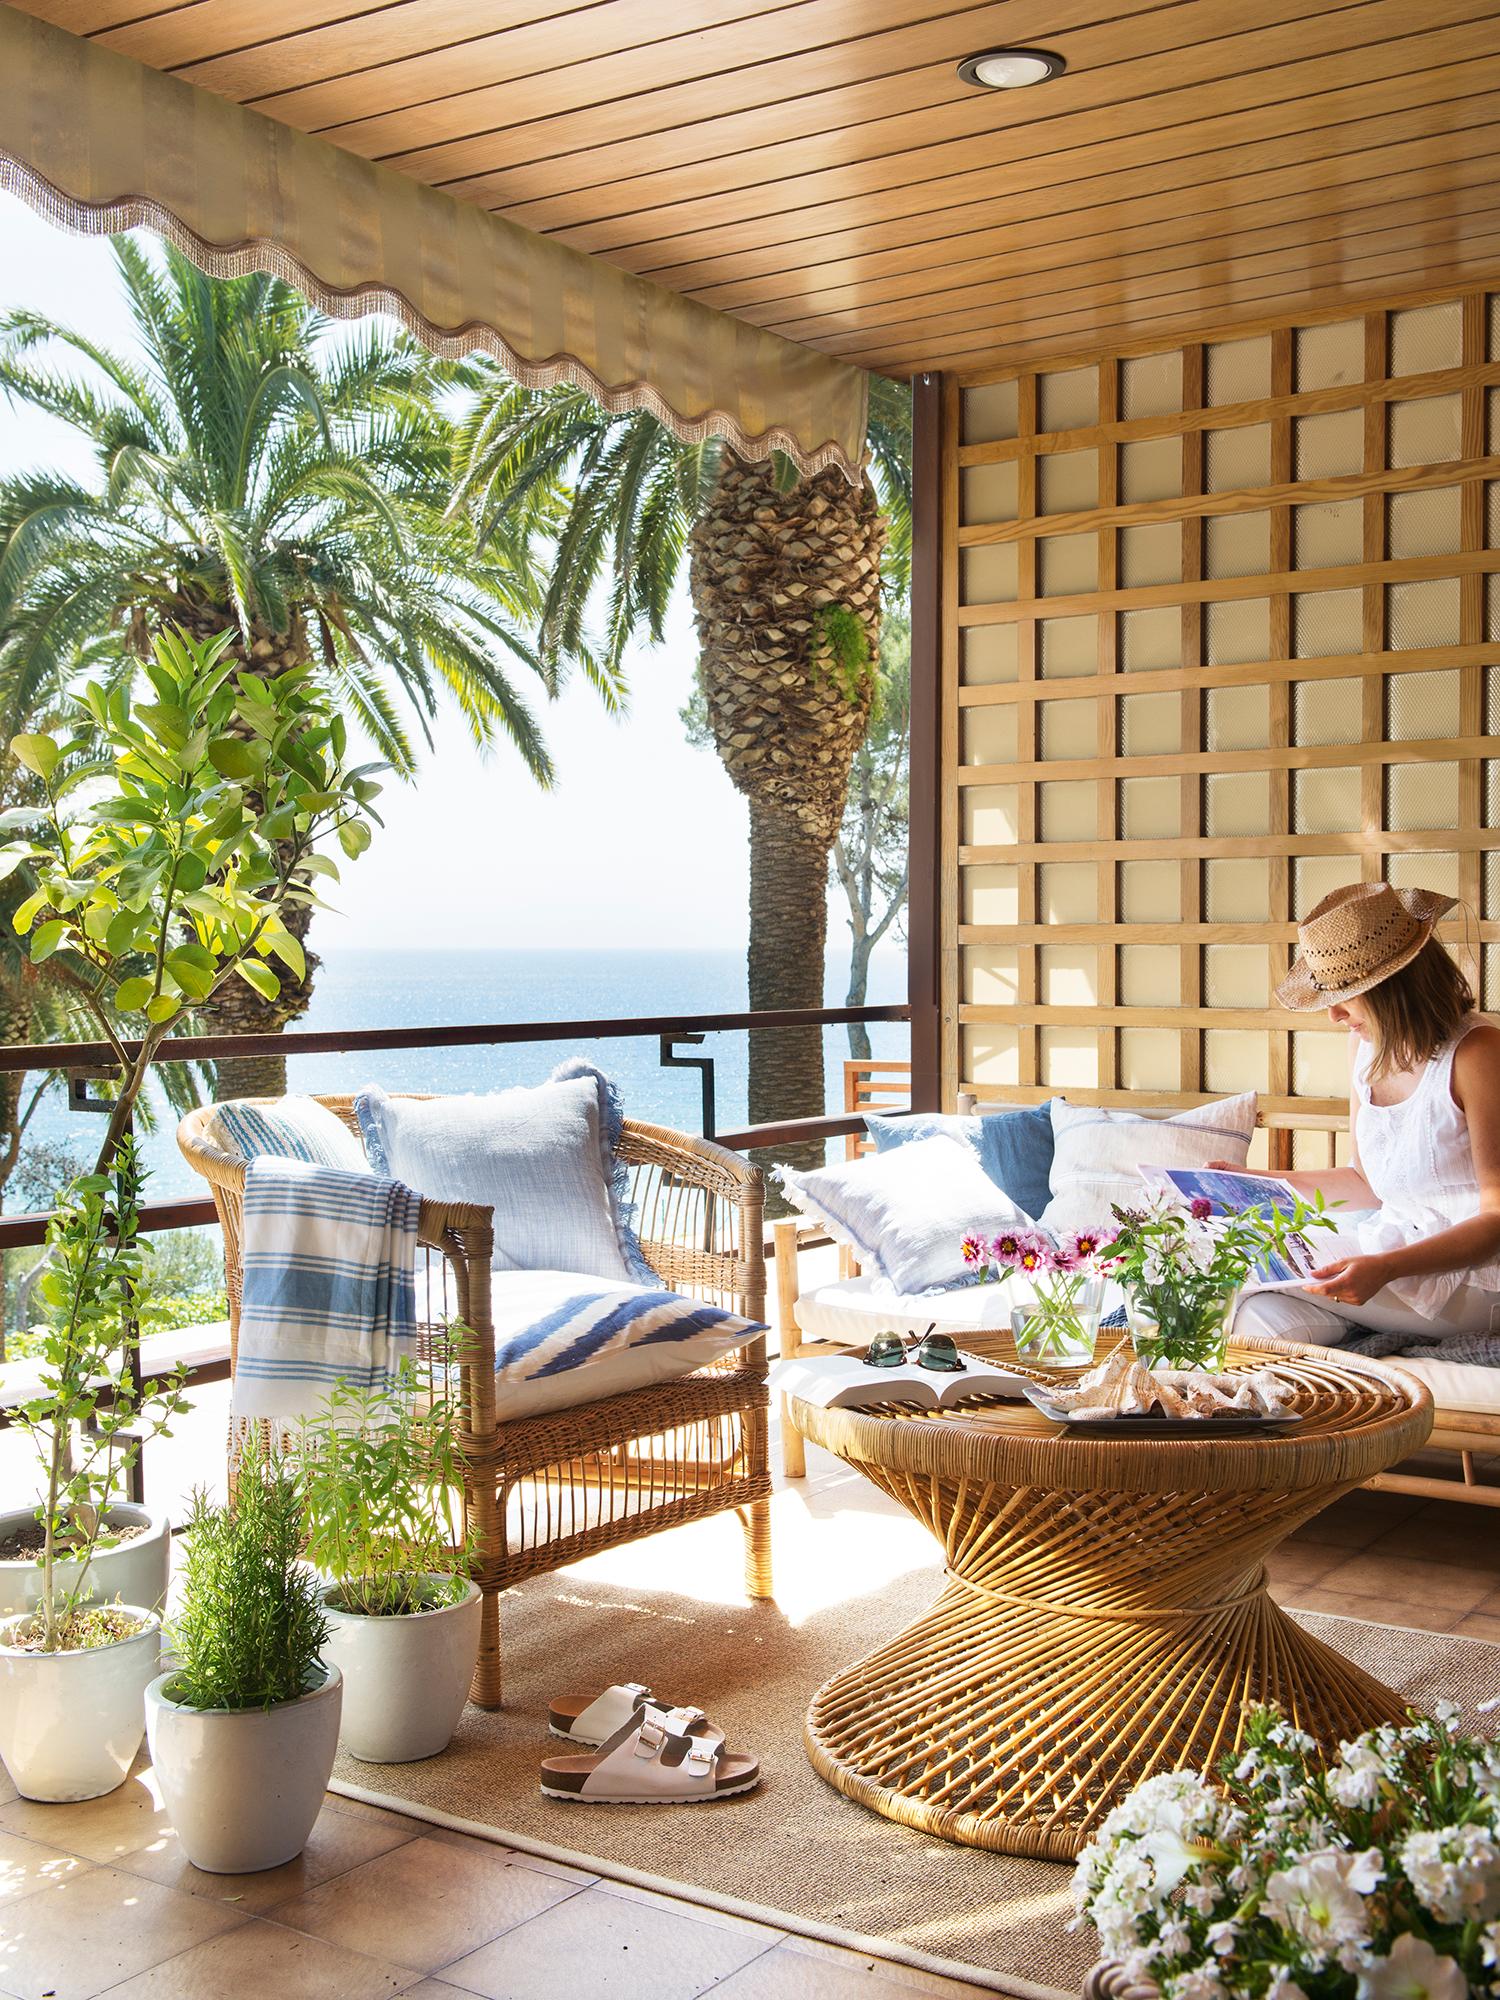 Muebles y complementos para disfrutar del exterior